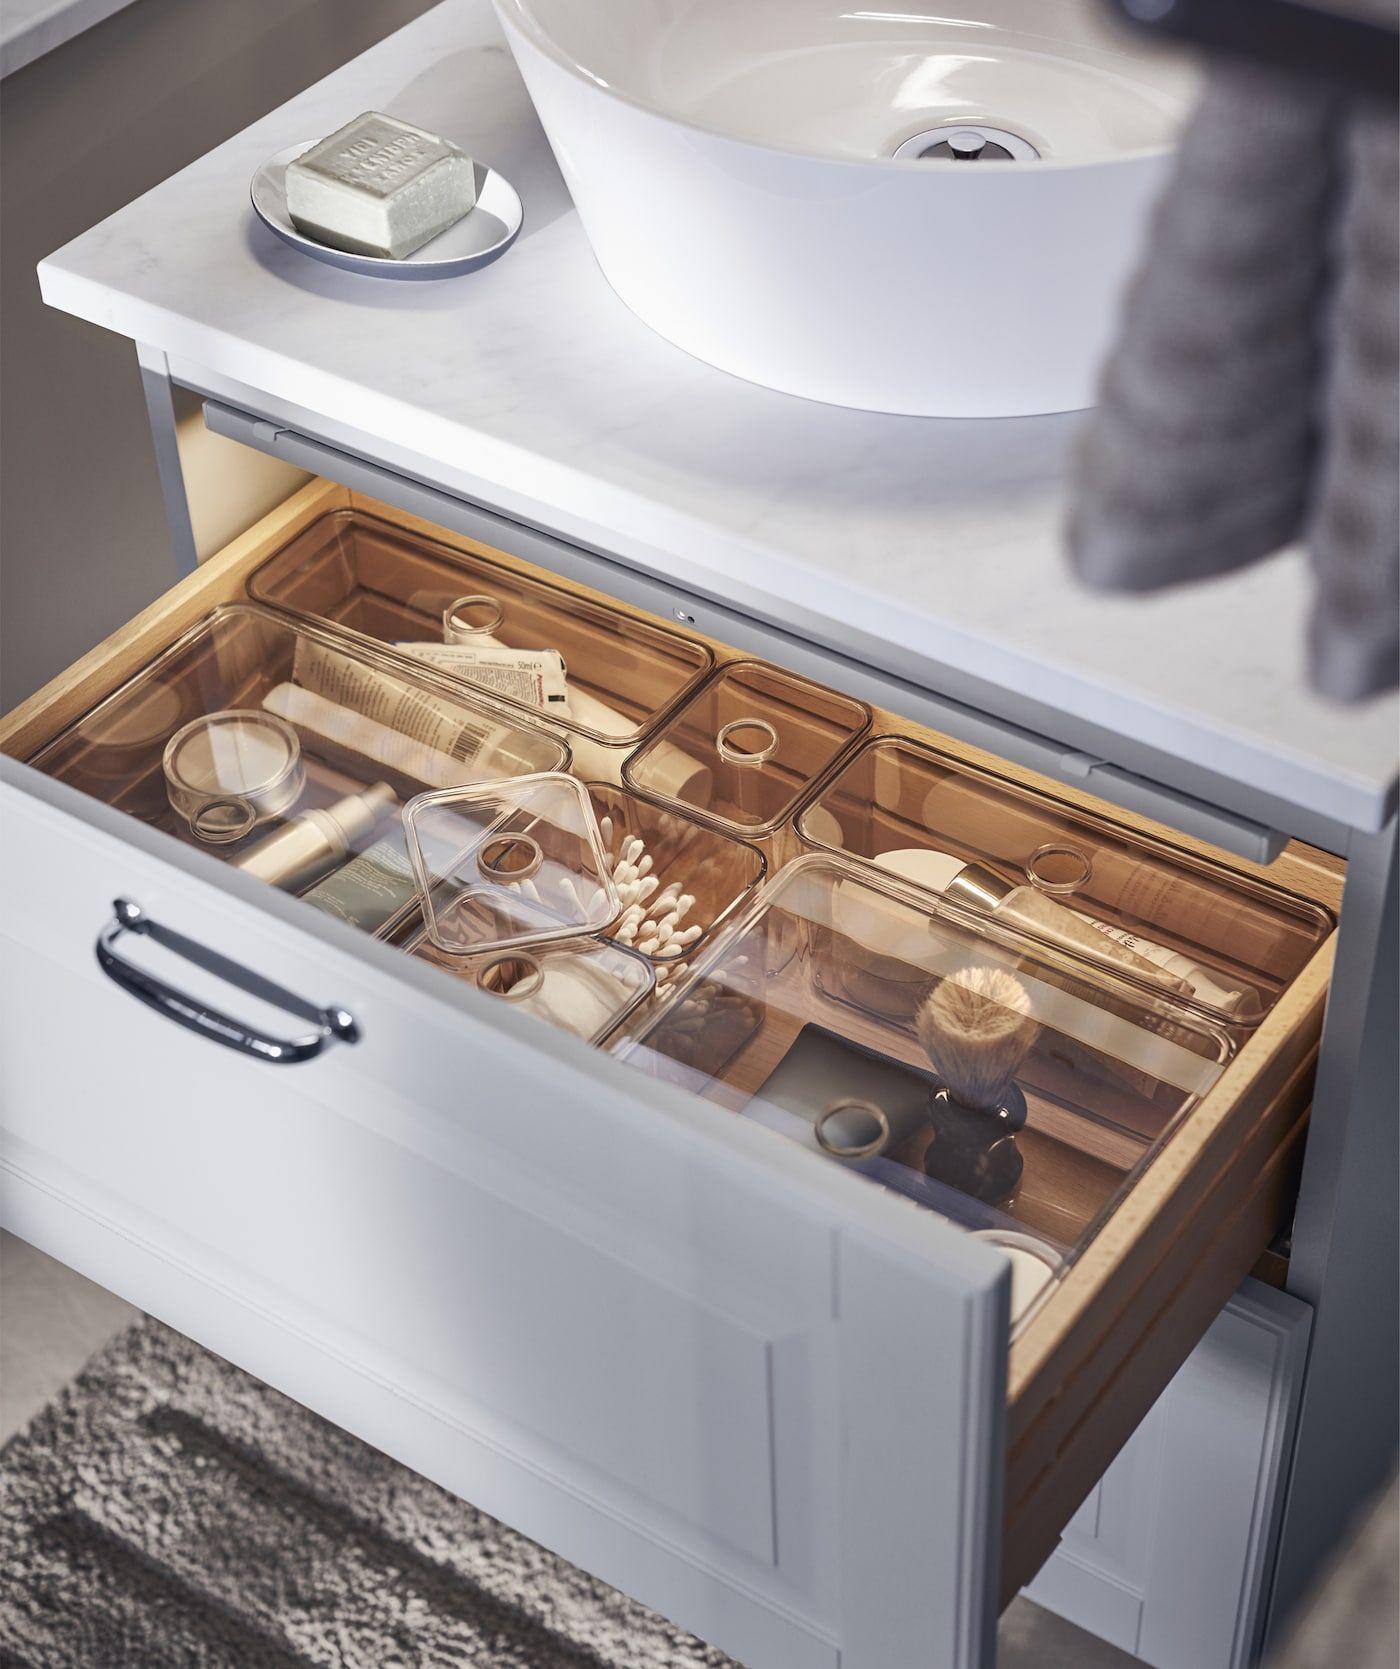 Personlichkeit Ordnung Zuhause Badezimmer Schrank Organisation Make Up Schublade Organisation Ikea Godmorgon